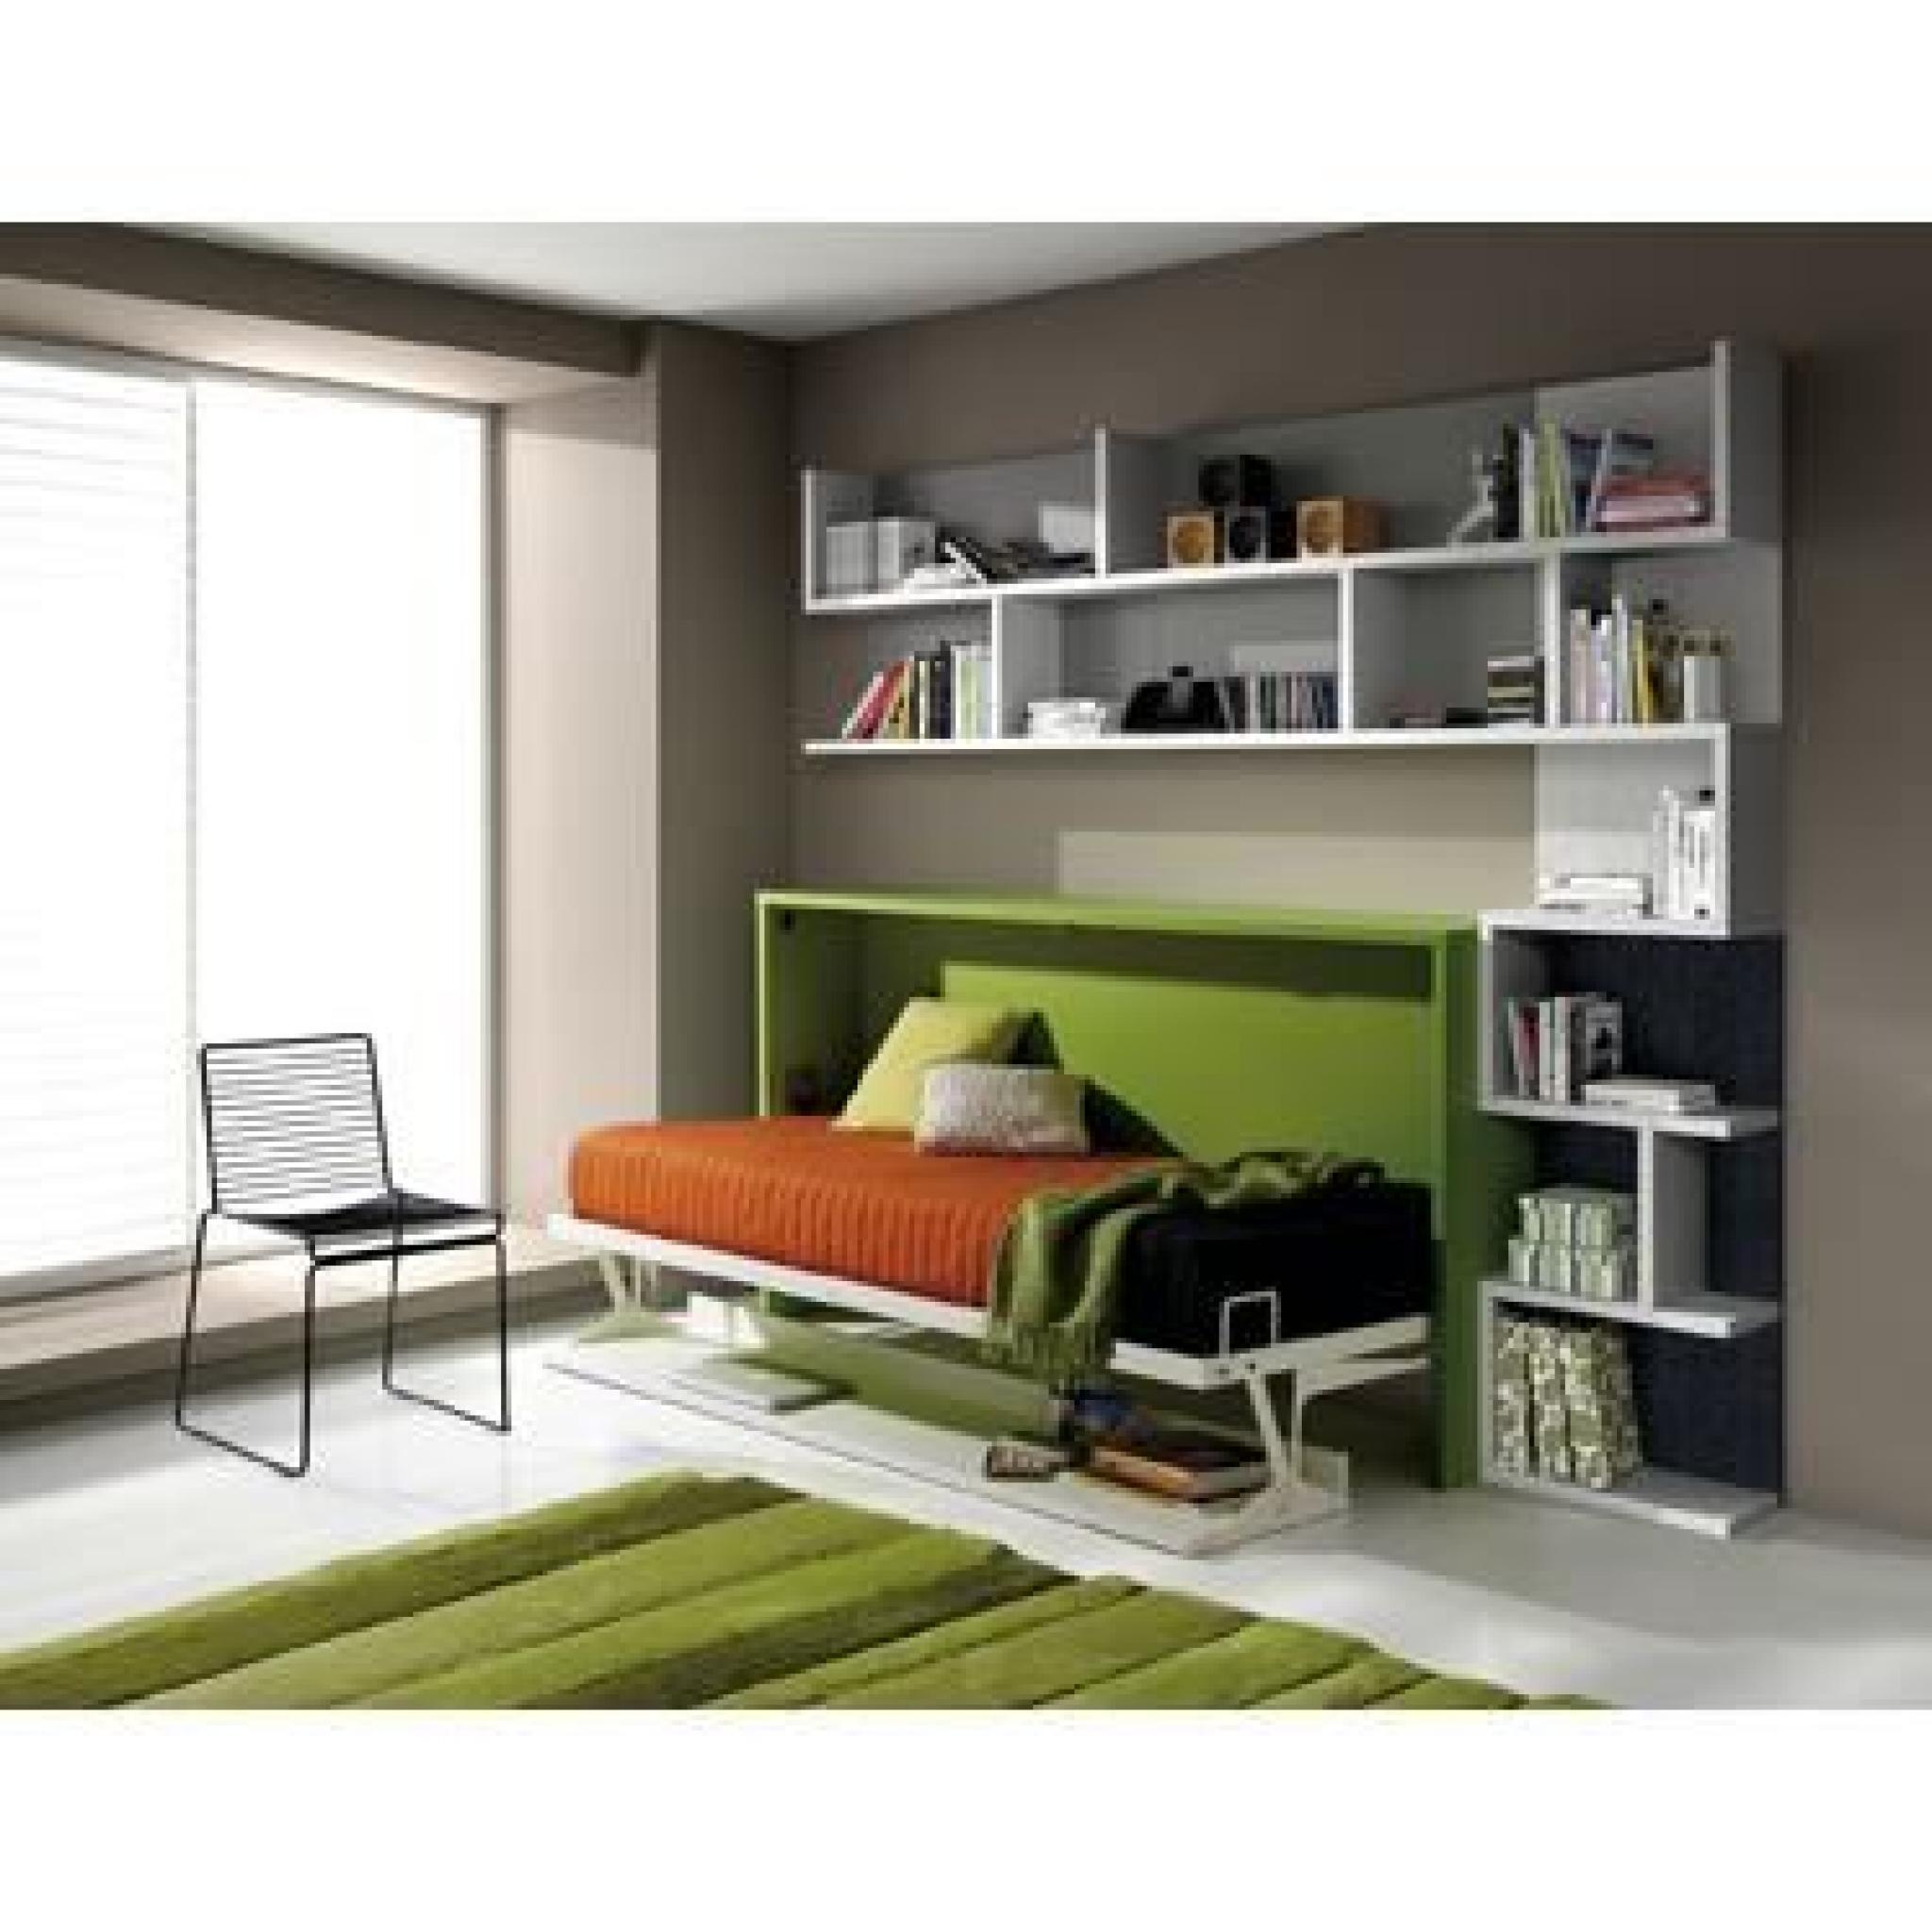 lit escamotable lat ral fleet 90x190cm avec bureau achat vente lit escamotable pas cher. Black Bedroom Furniture Sets. Home Design Ideas